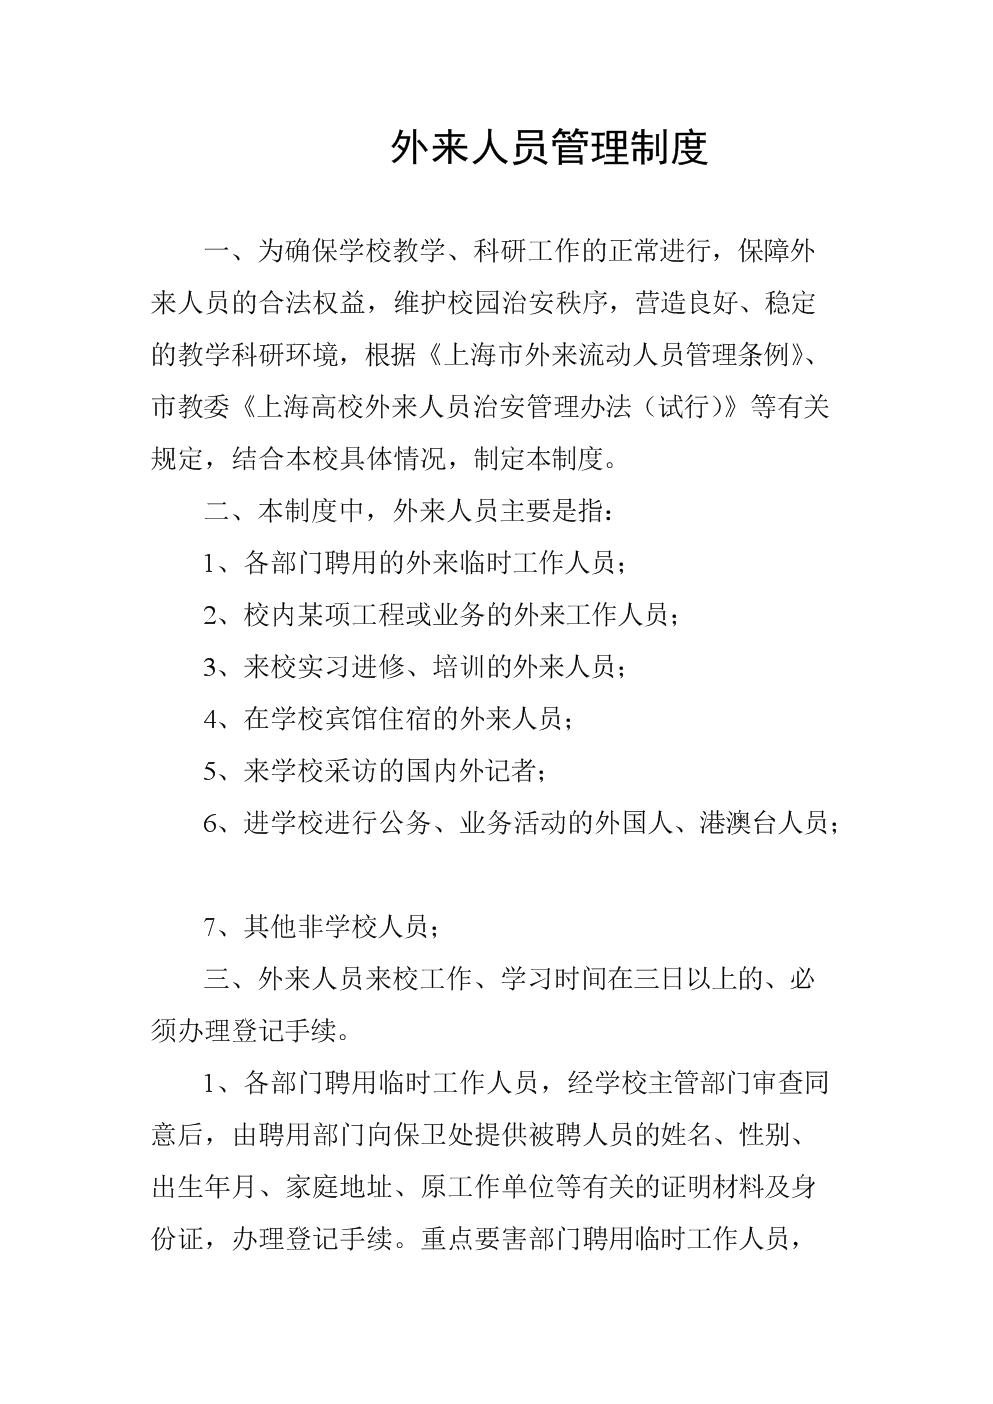 外来人口办理居住证_上海市外来人口管理